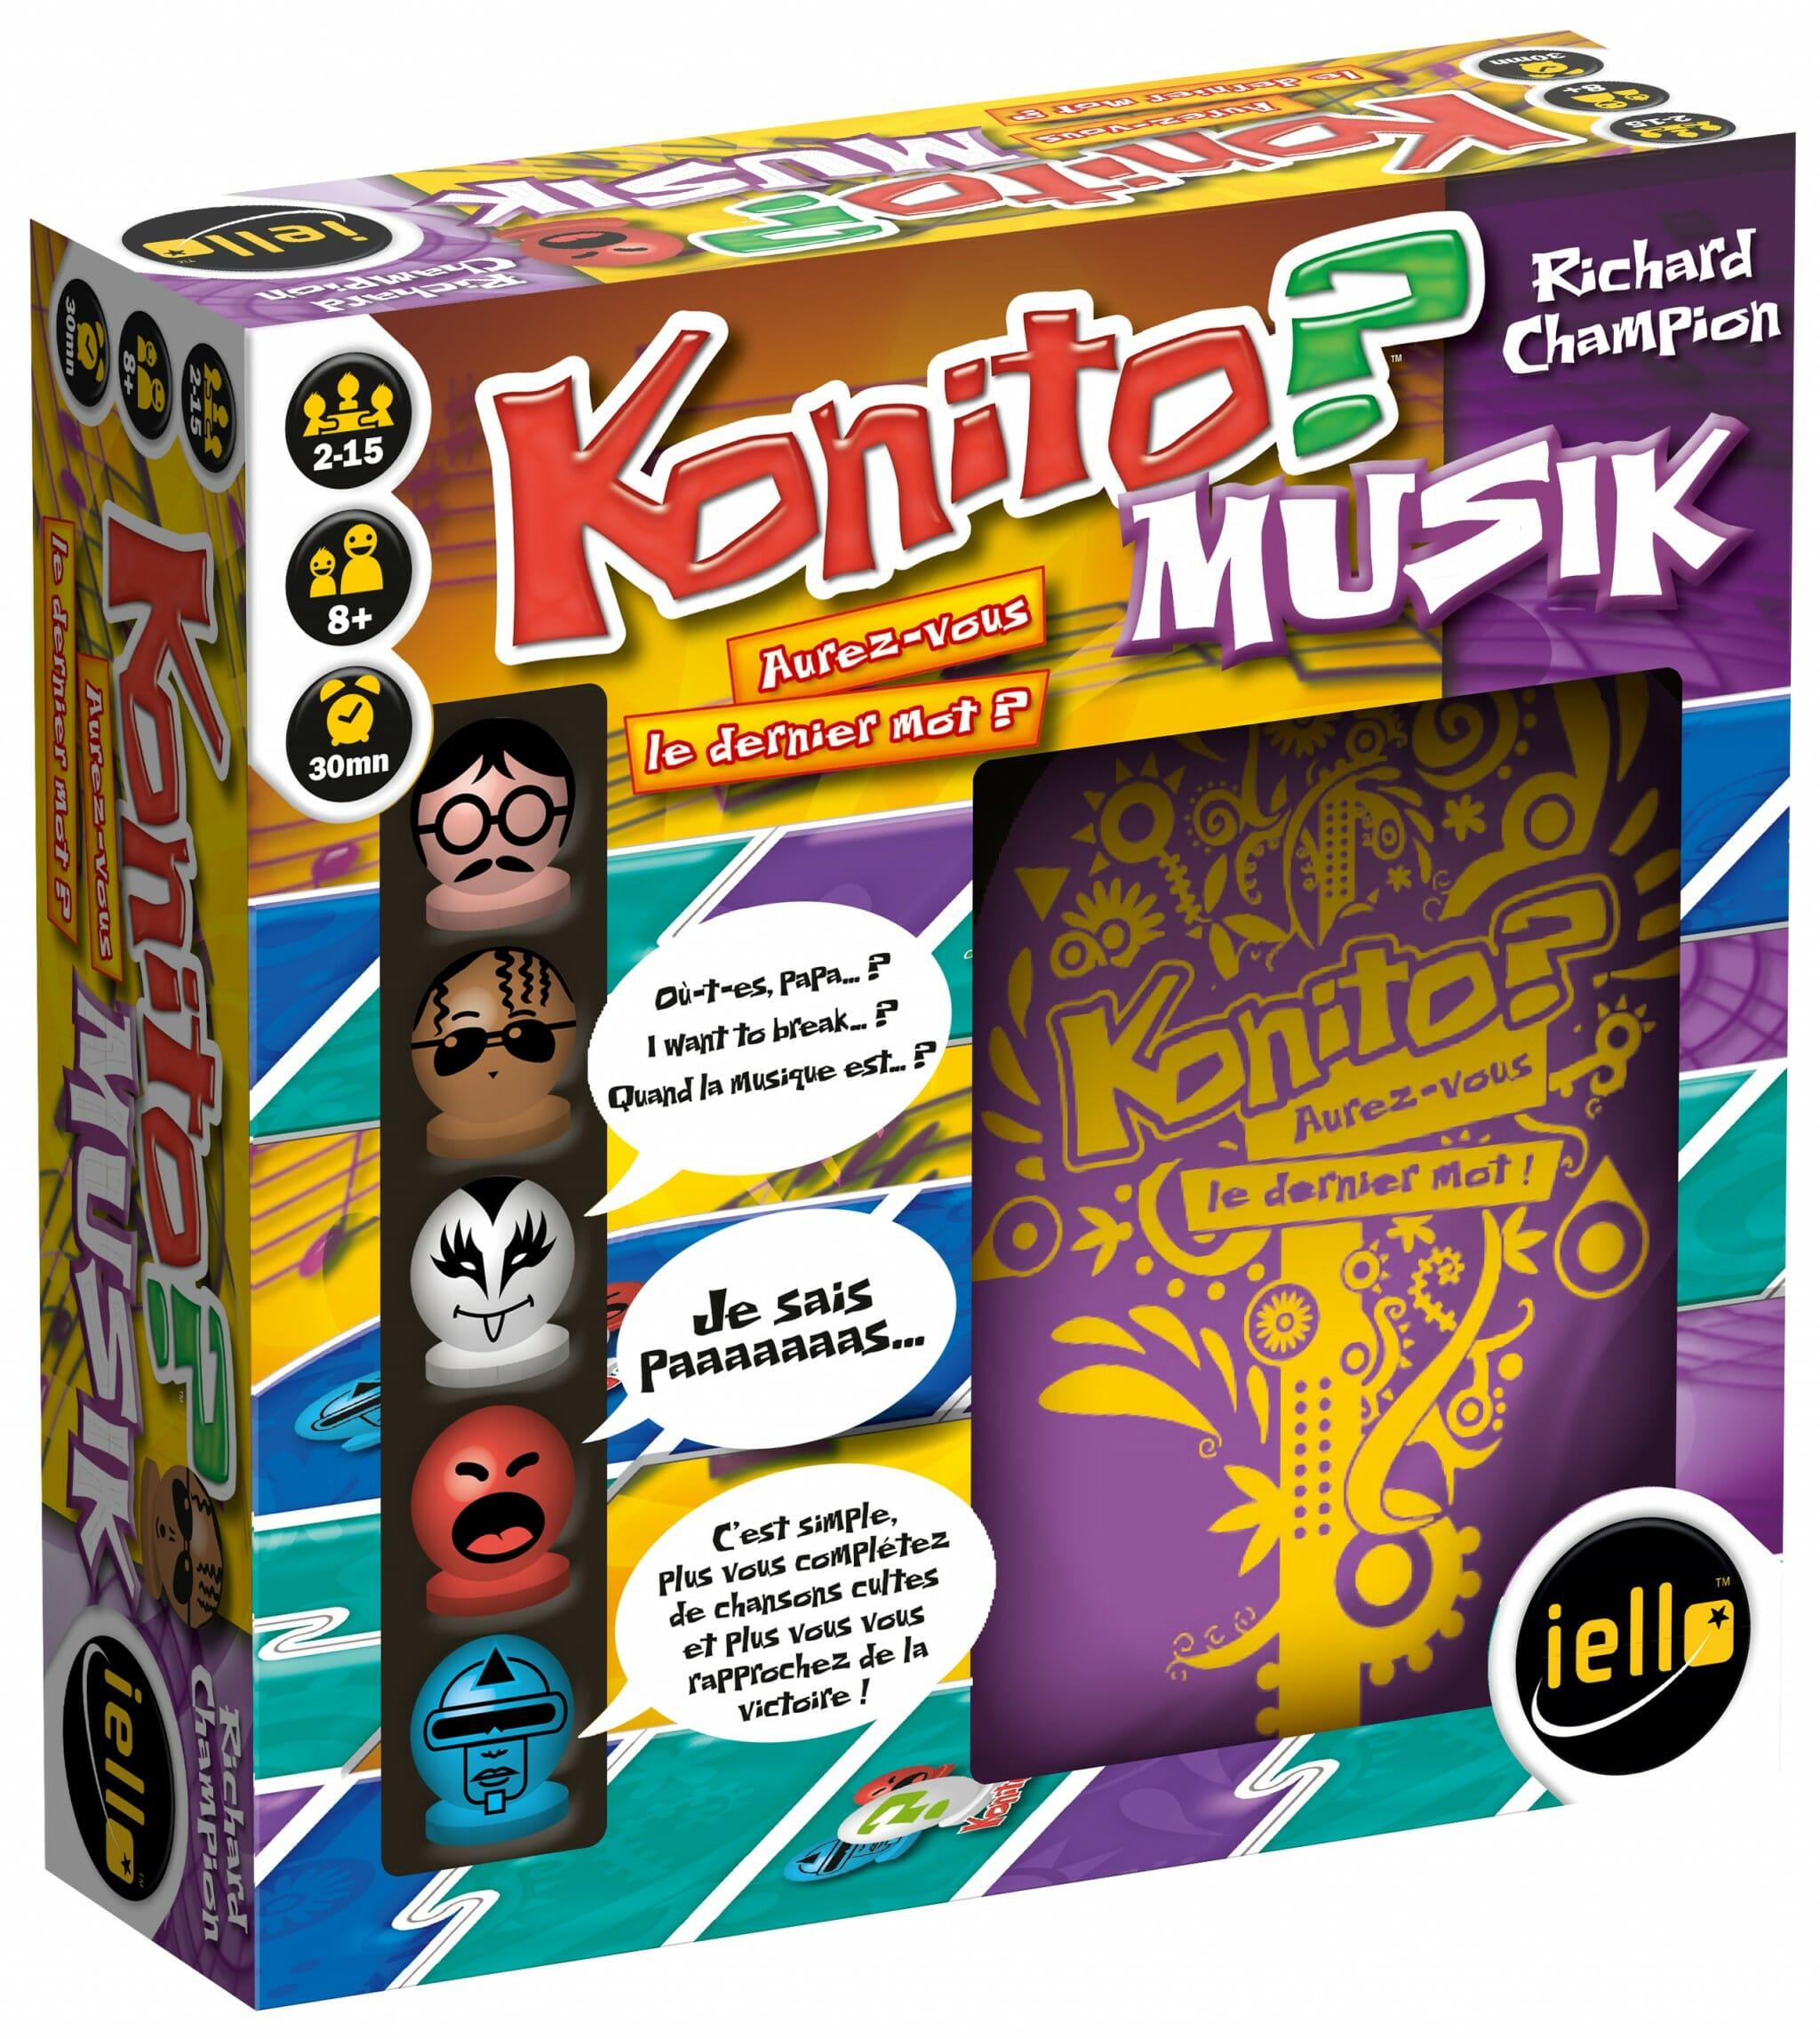 konito-musik-box335